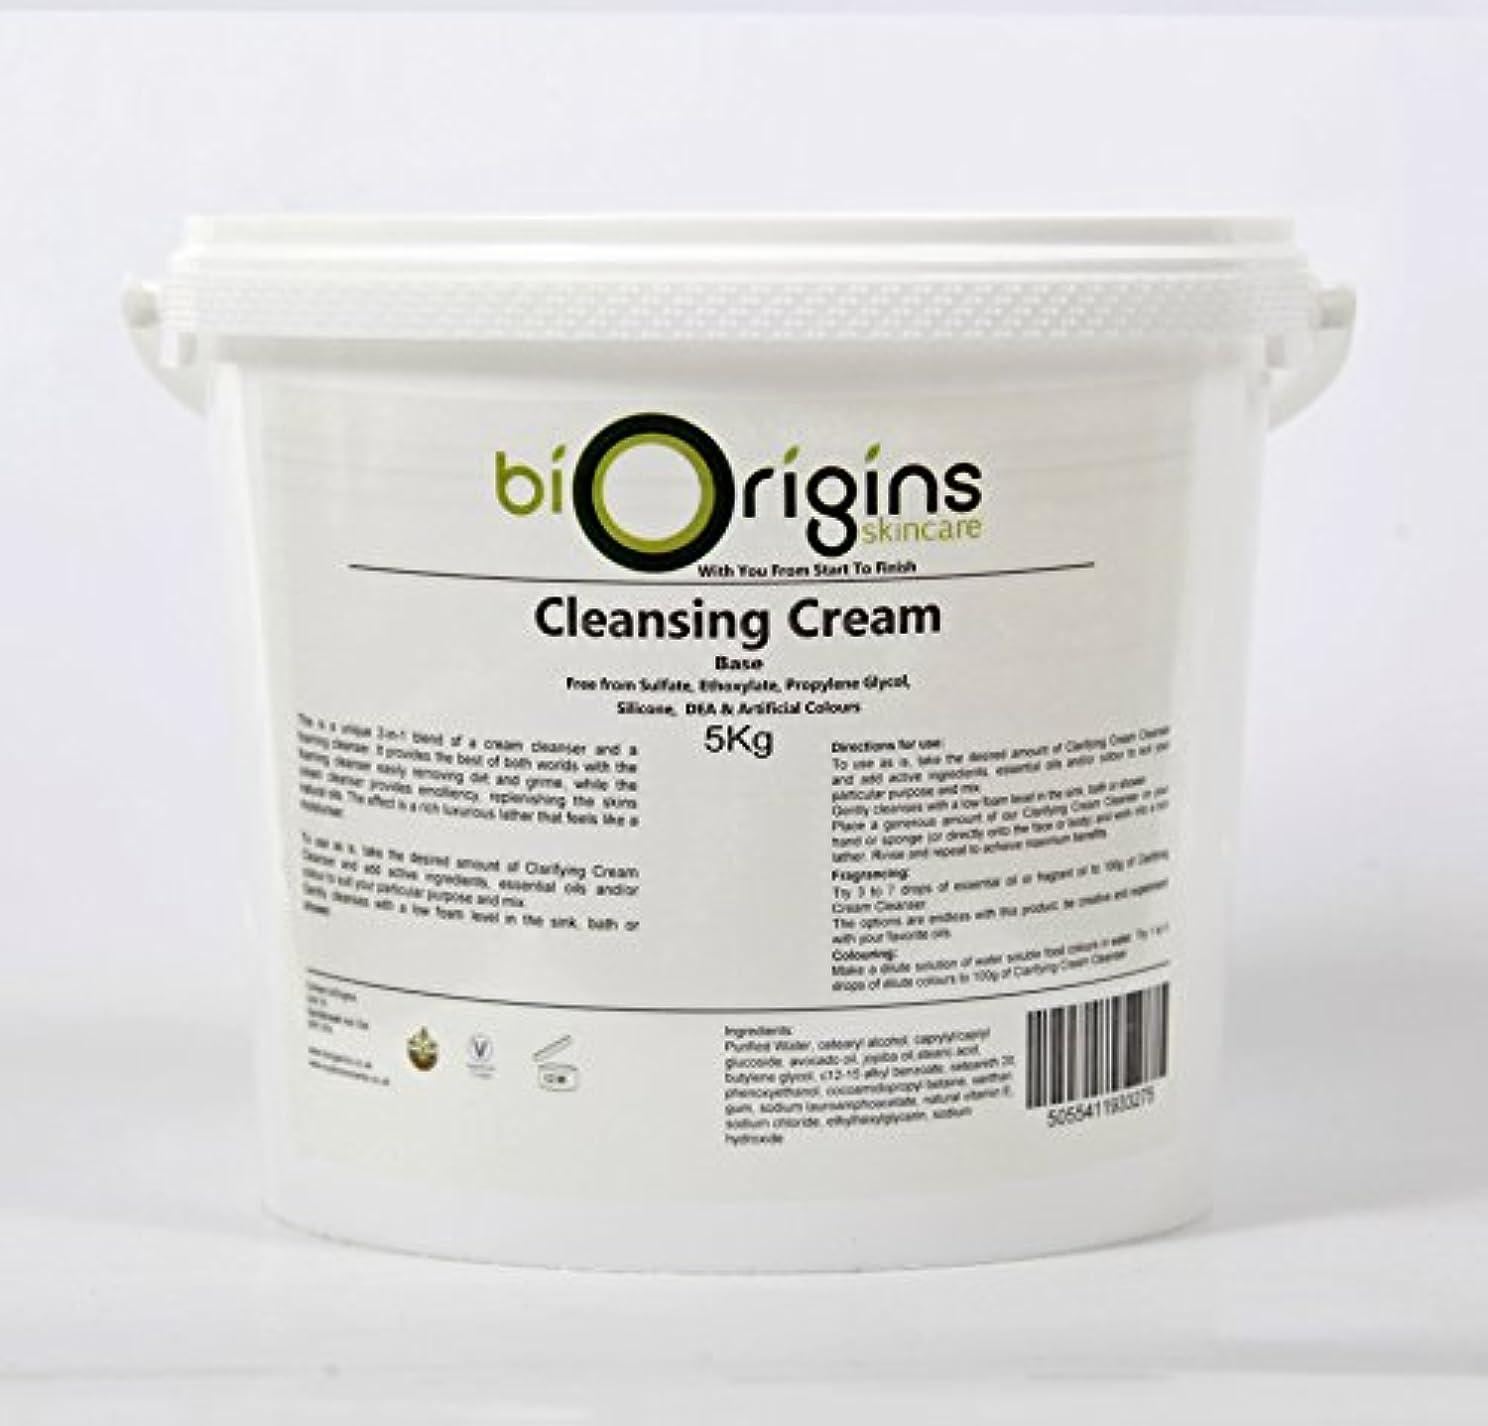 観察するチューインガム講義Clarifying Cleansing Cream - Botanical Skincare Base - 5Kg